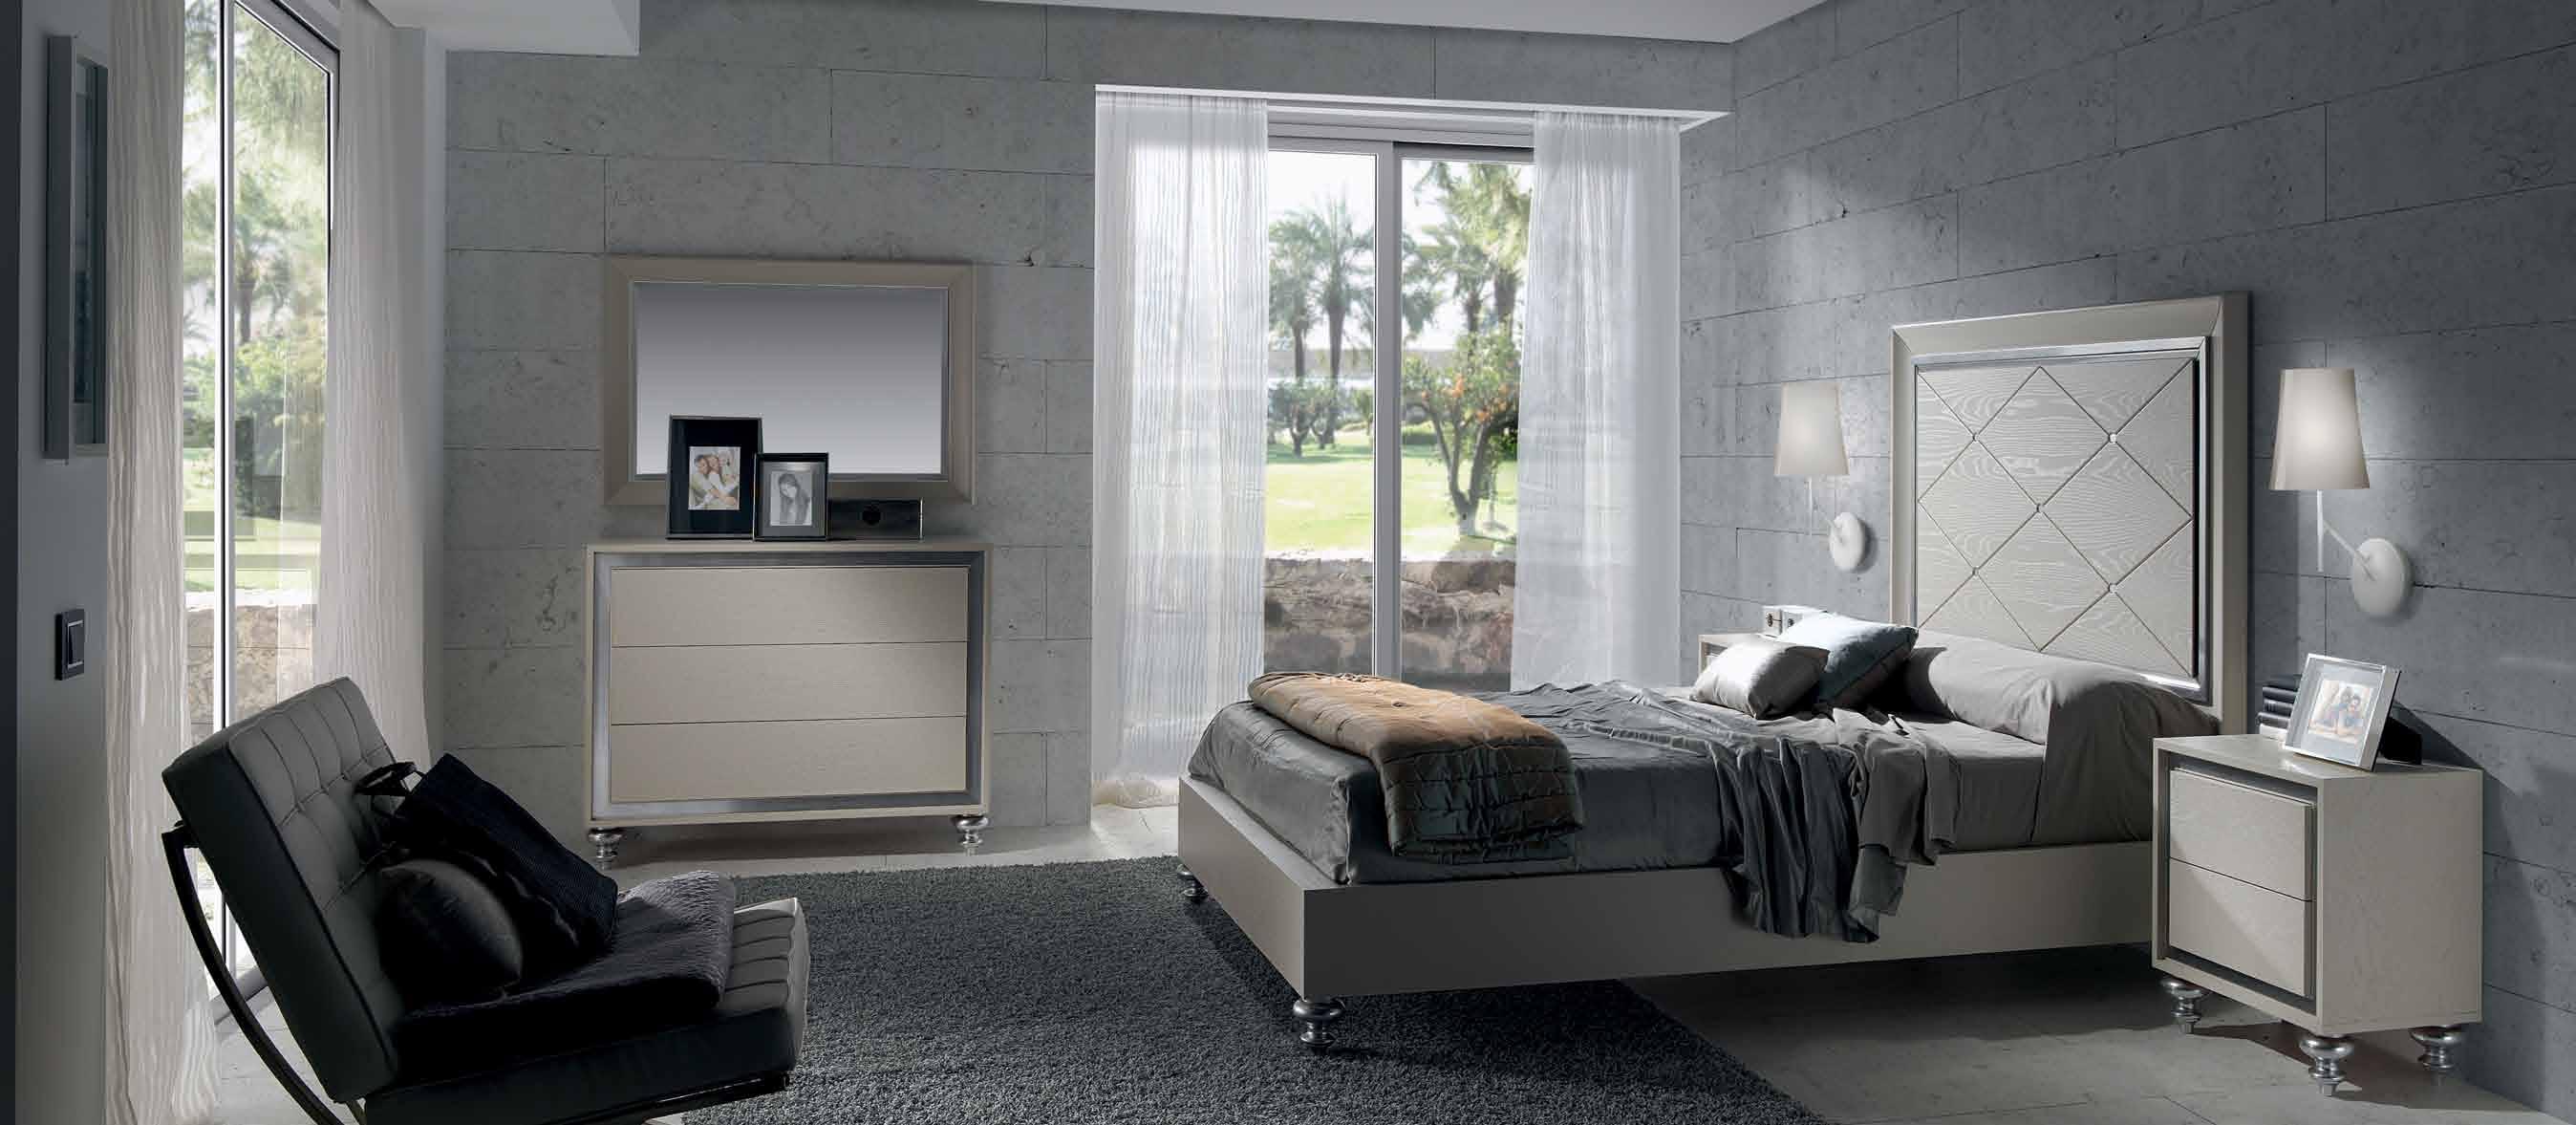 978-dormitorio-a-1